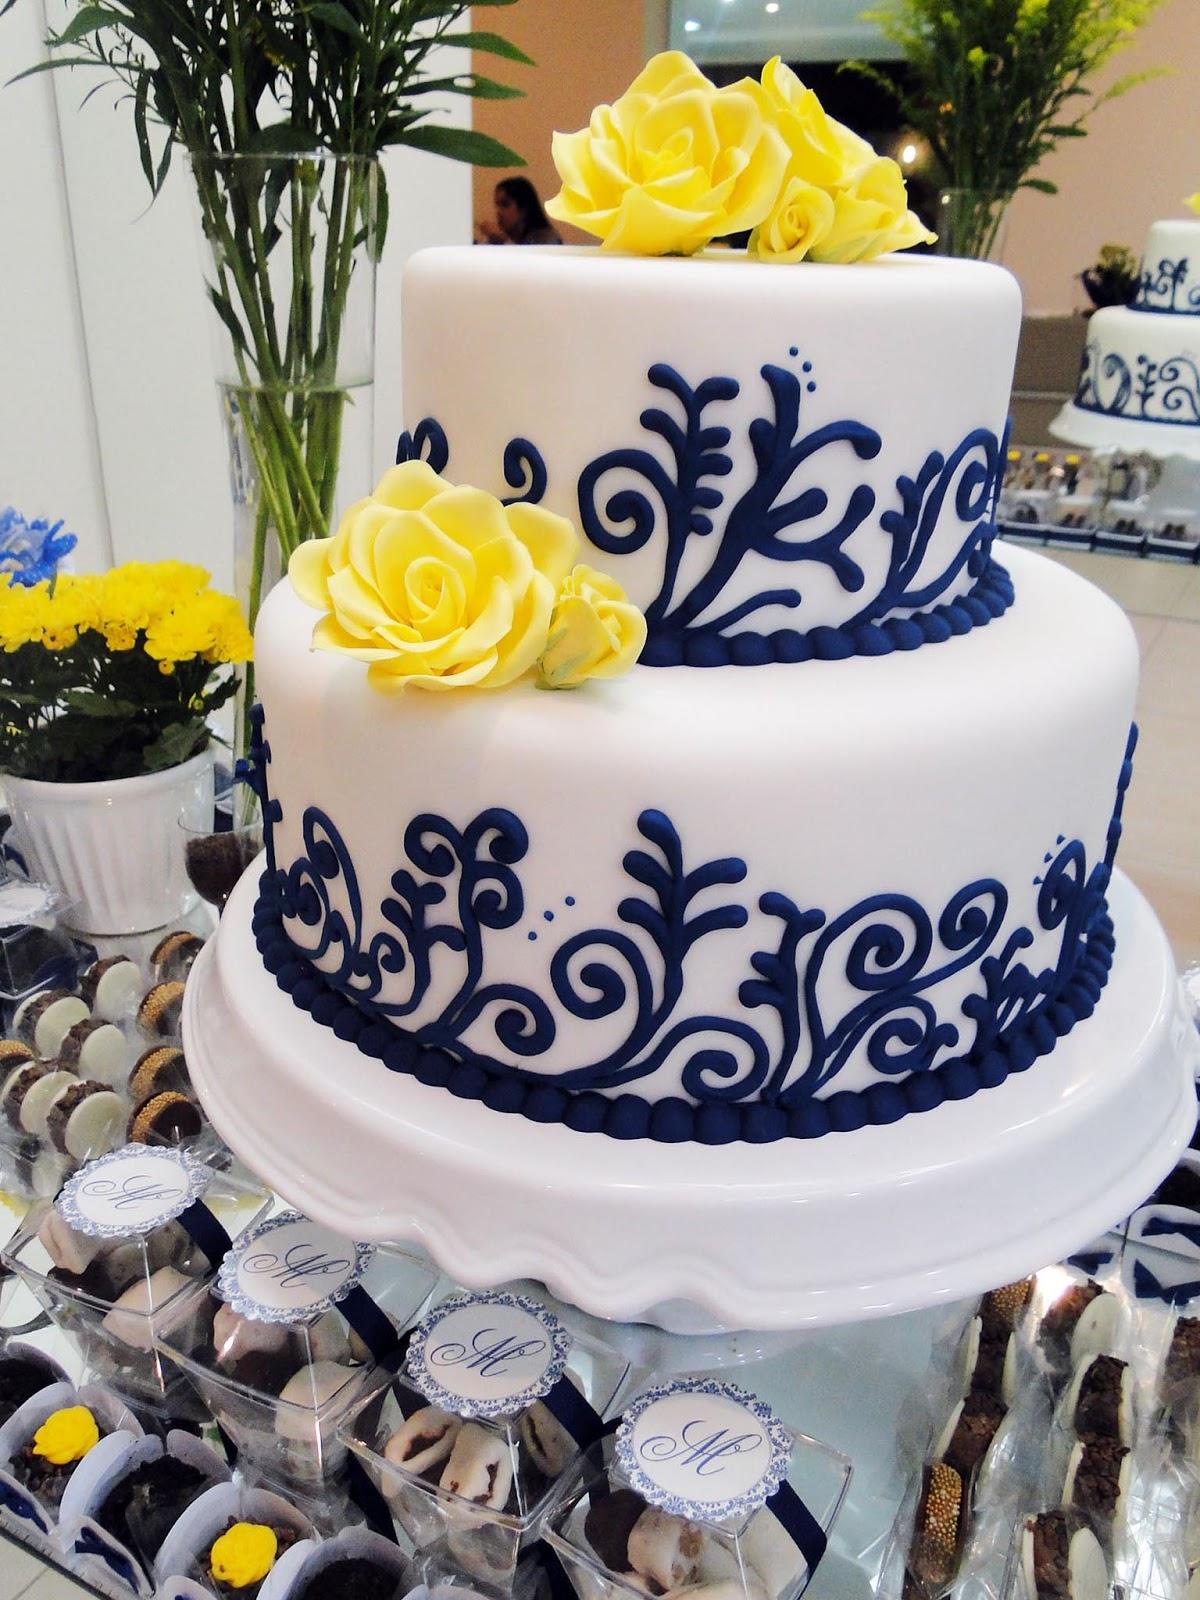 decoracao de casamento azul marinho e amarelo : decoracao de casamento azul marinho e amarelo:Princesas de Cristo: Casamento: azul marinho e amarelo!